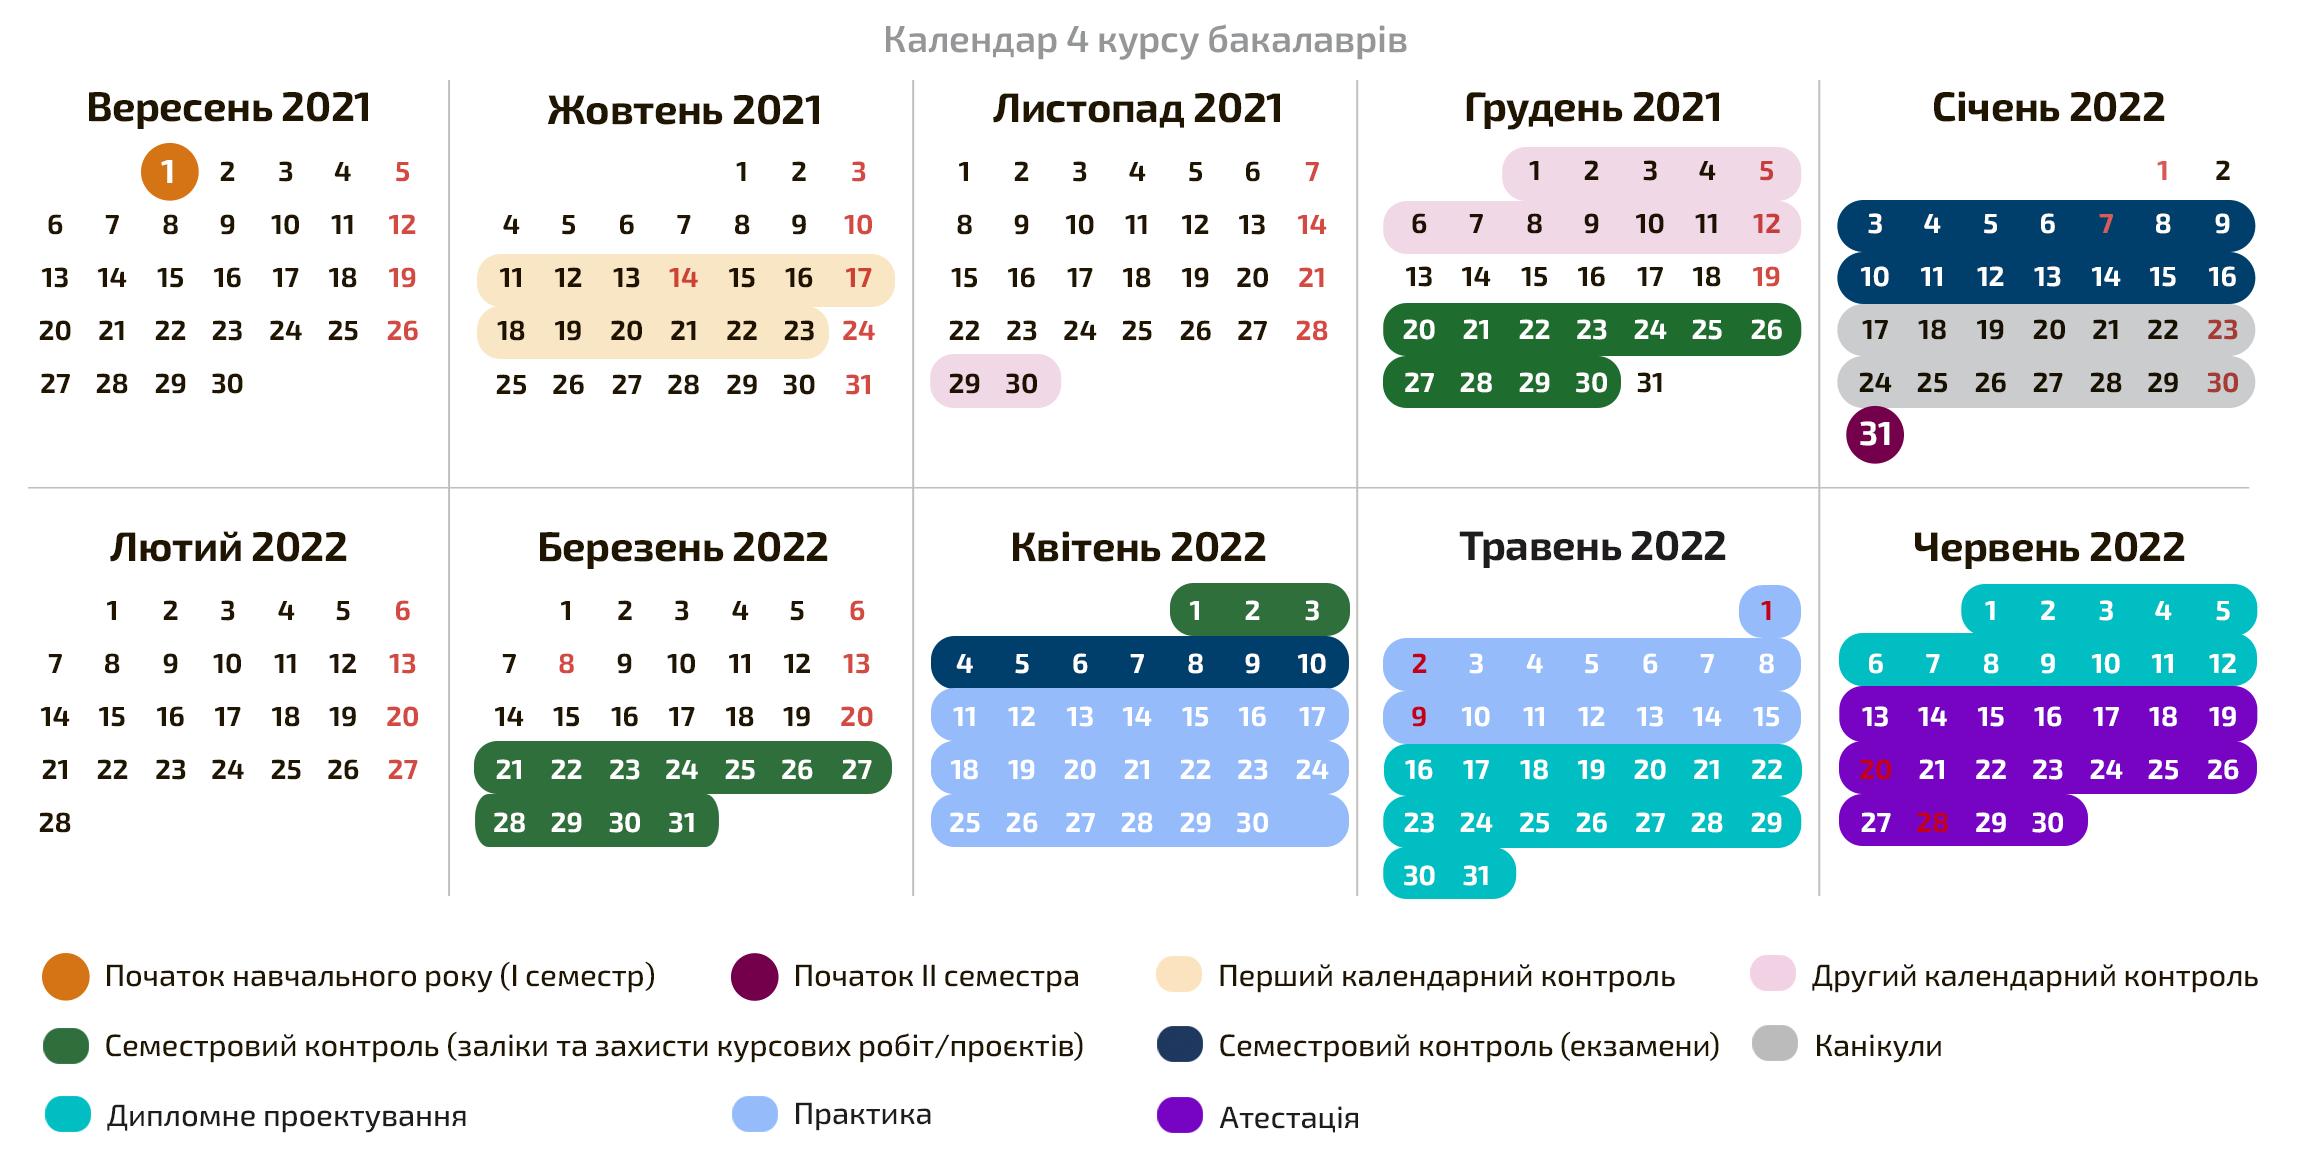 Календар 2 курсу